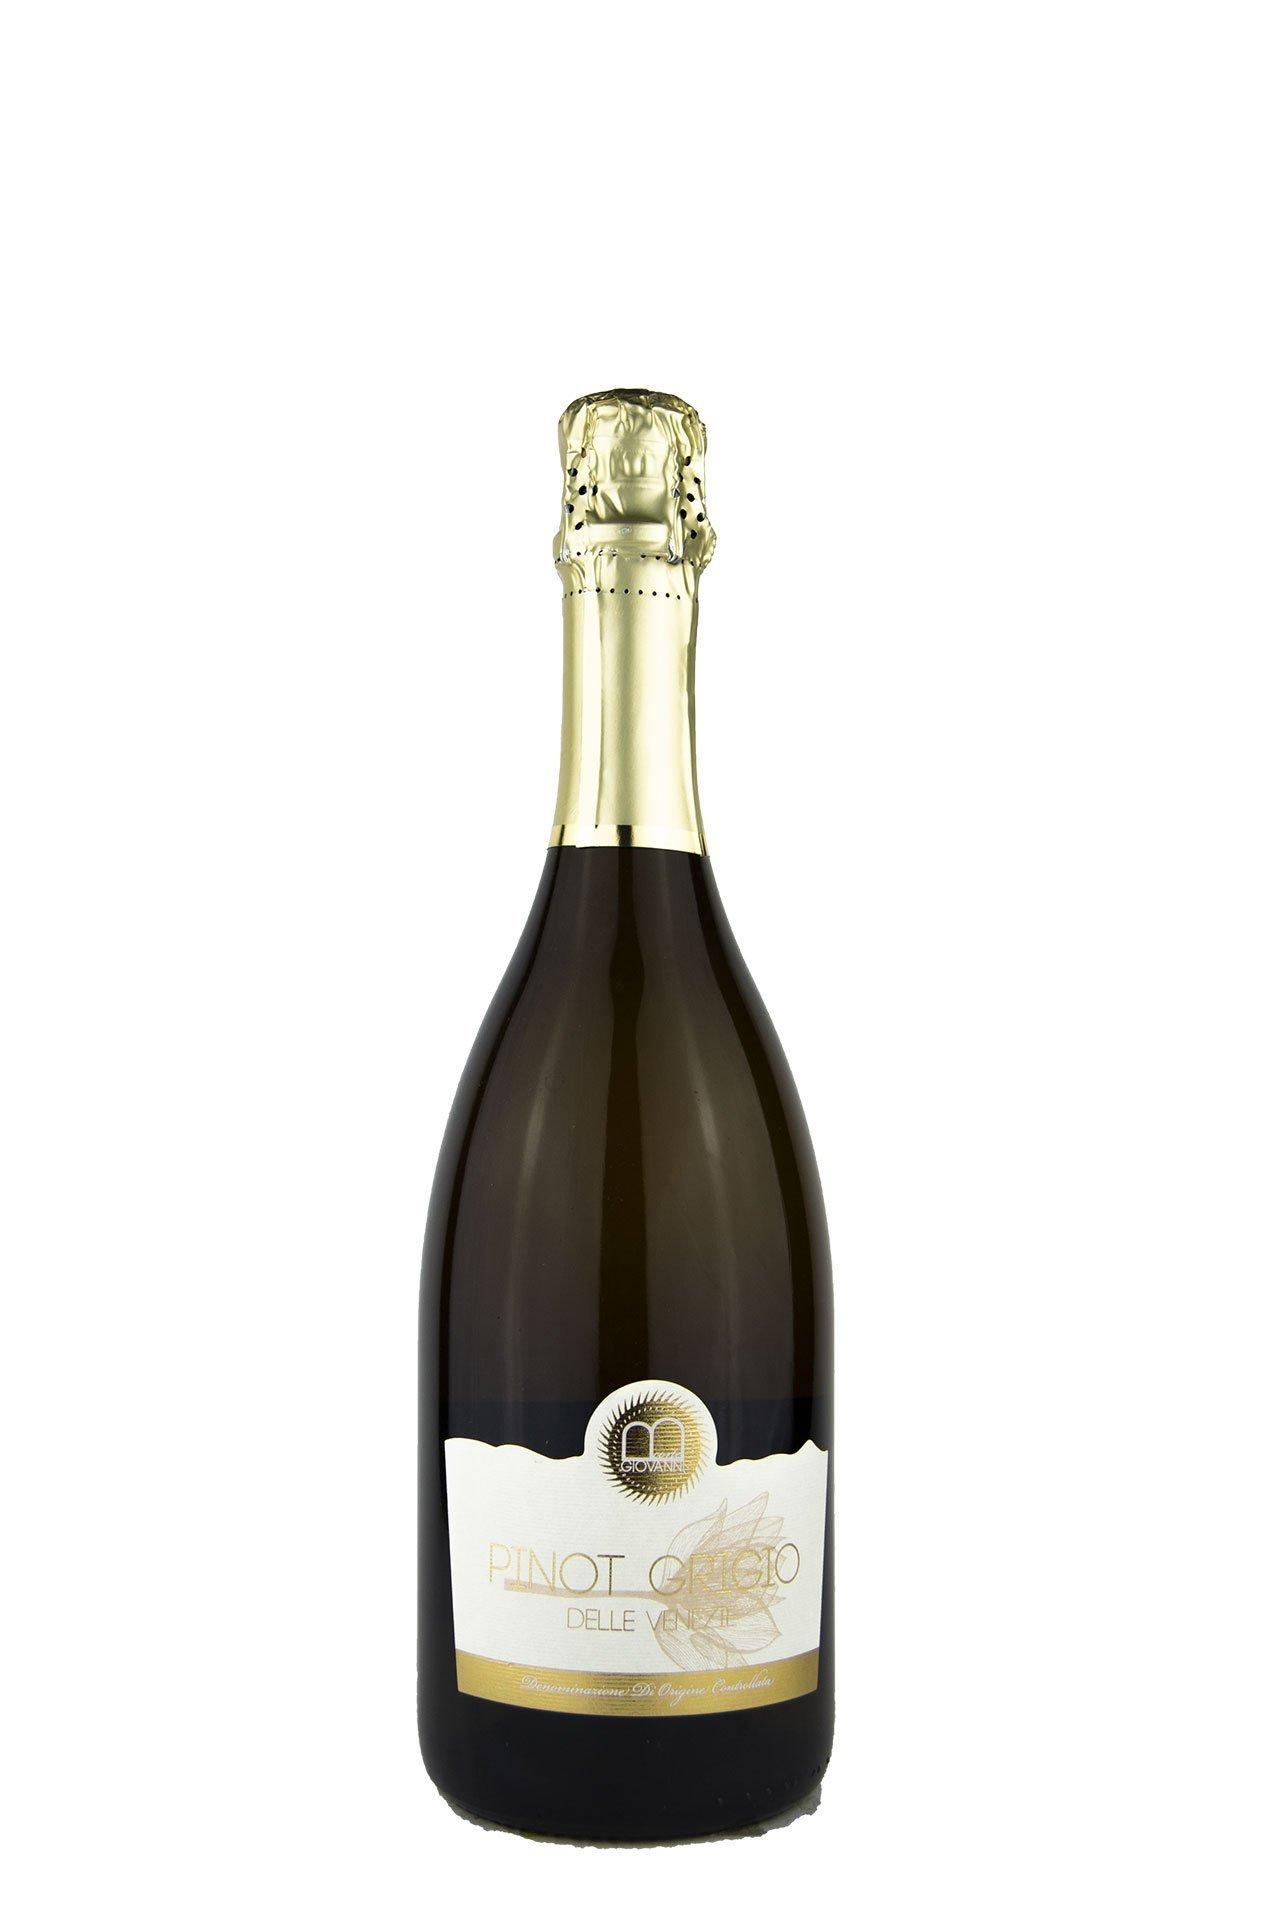 Bedin – Pinot Grigio Delle Venezie